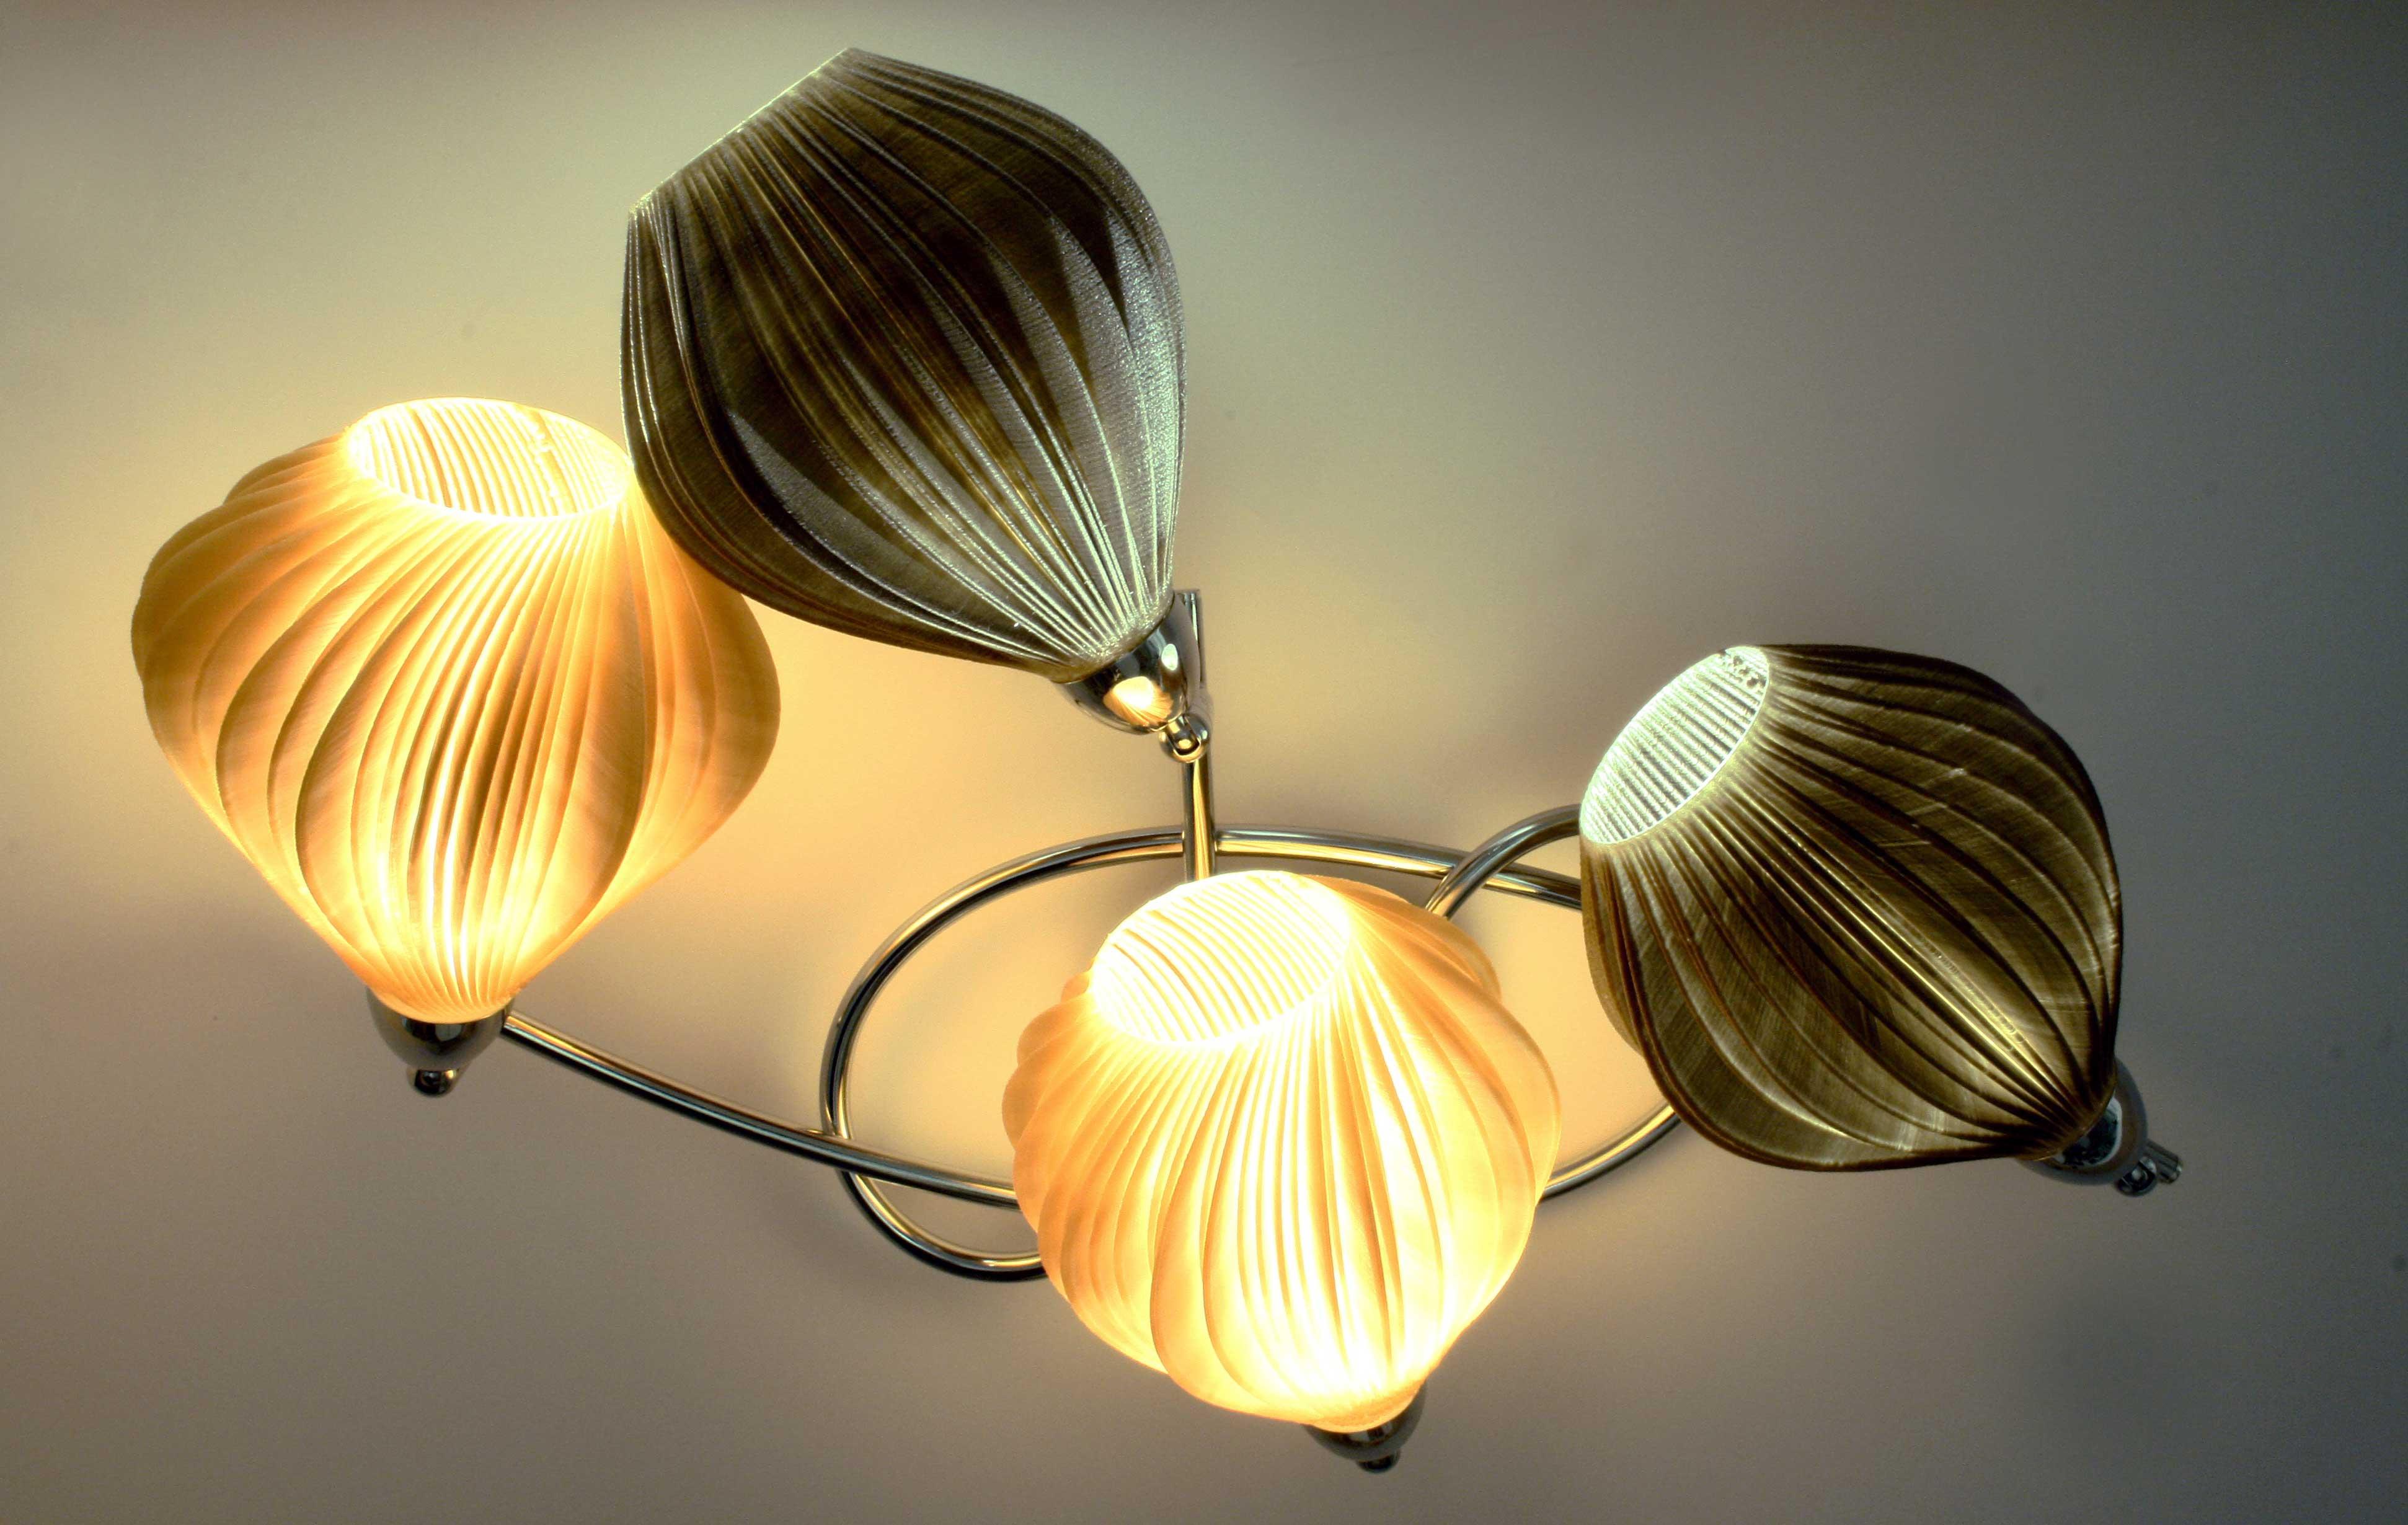 CRETEA lighting